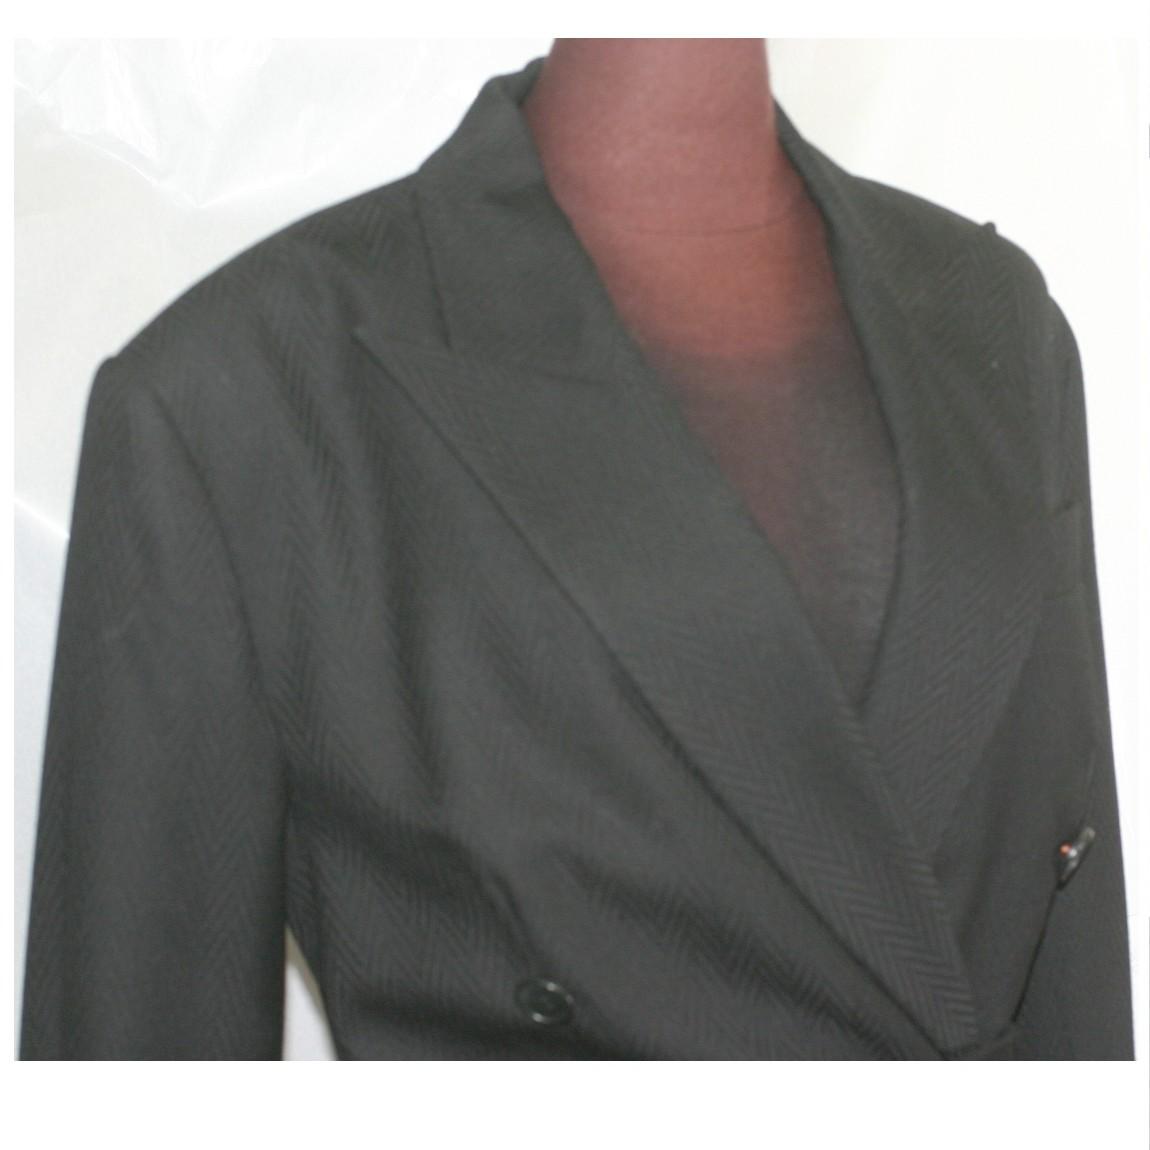 【中古】本物C,Dior女性用黒いお洒落なフォルムのワンピース 表記サイズフランス40 着丈90、肩幅44(肩パッド入り)、身幅50、袖丈60cm